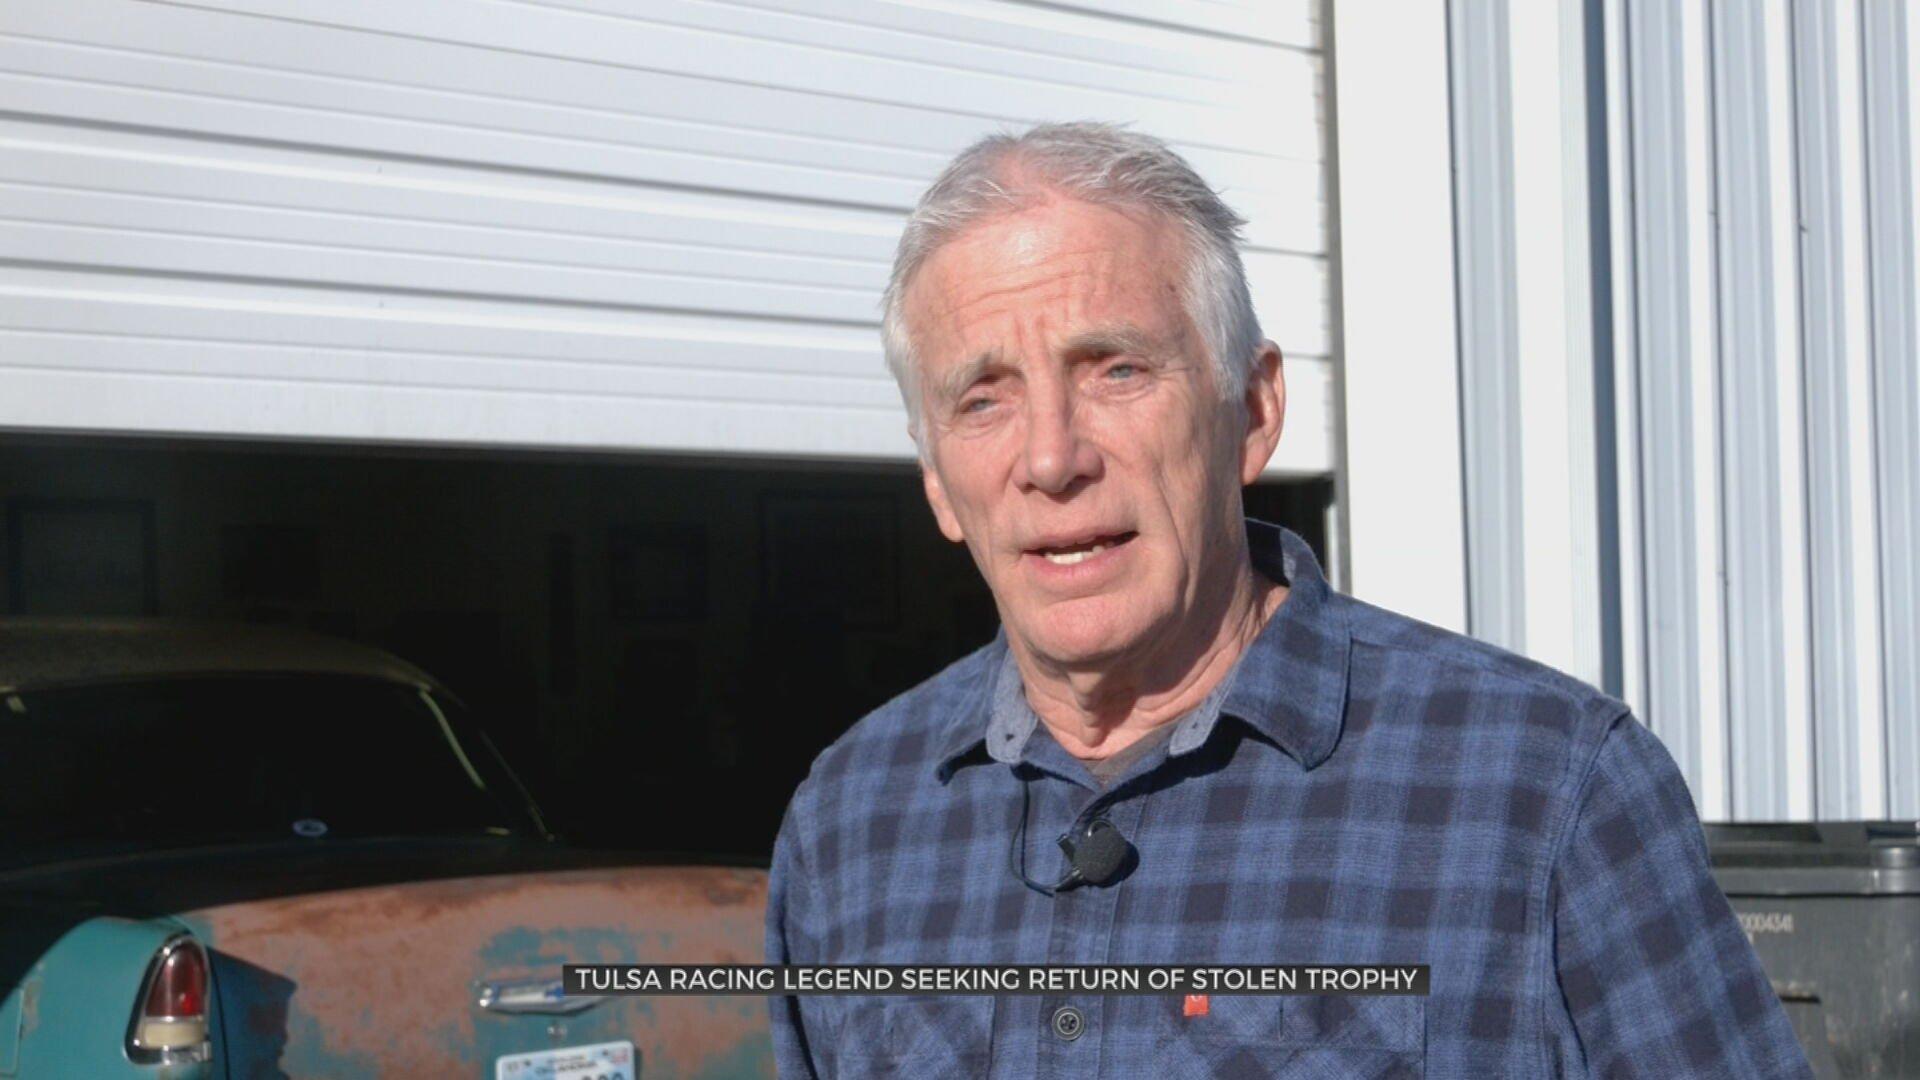 Tulsa Racing Legend Hopes For Safe Return Of Prized Stolen Trophy